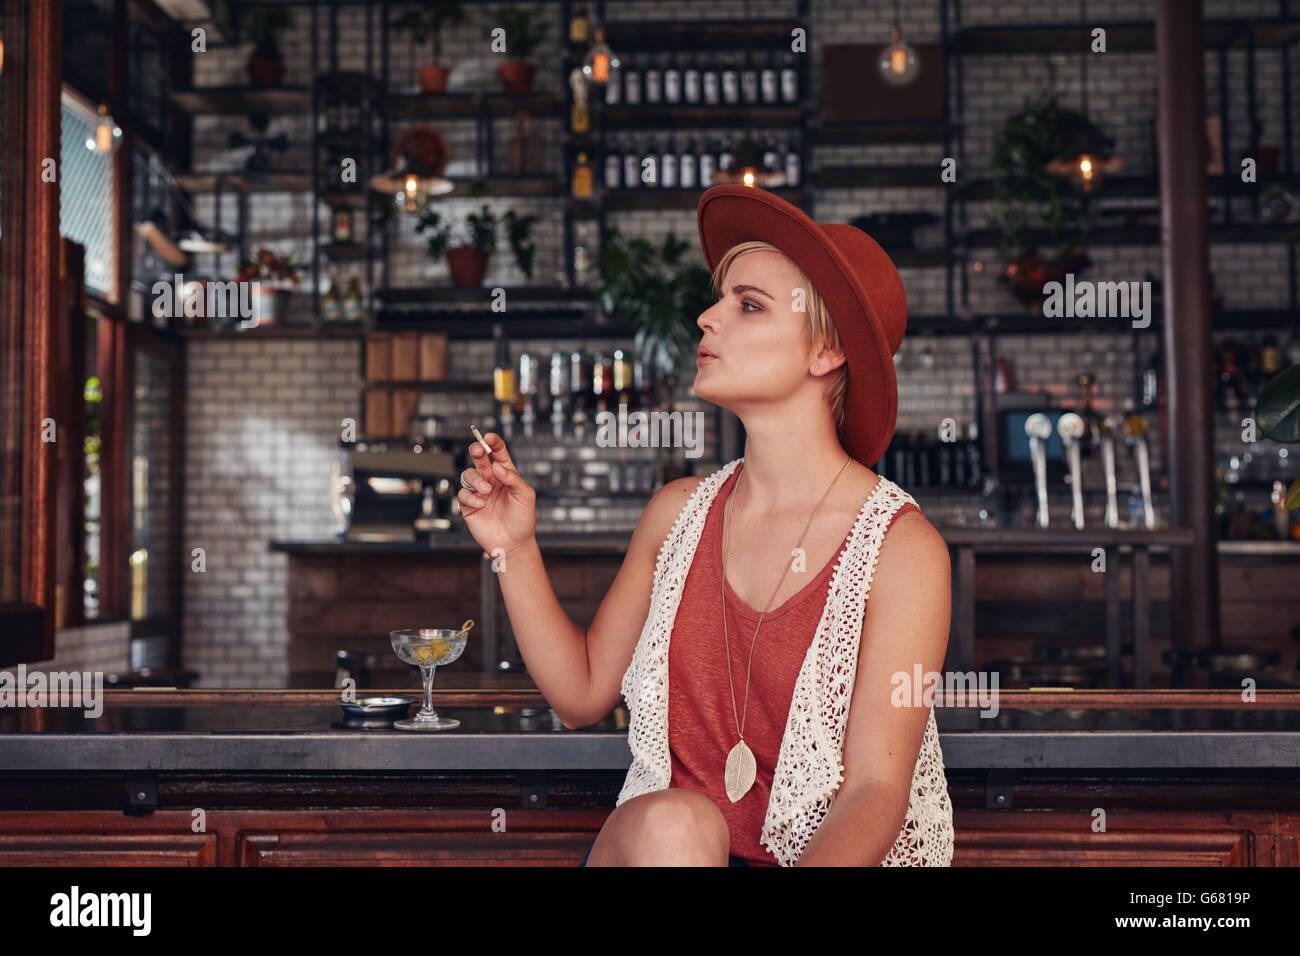 Porträt von attraktiven jungen Frau in einer Bar Rauchen. Halten der Zigarette und wegsehen. Stockbild